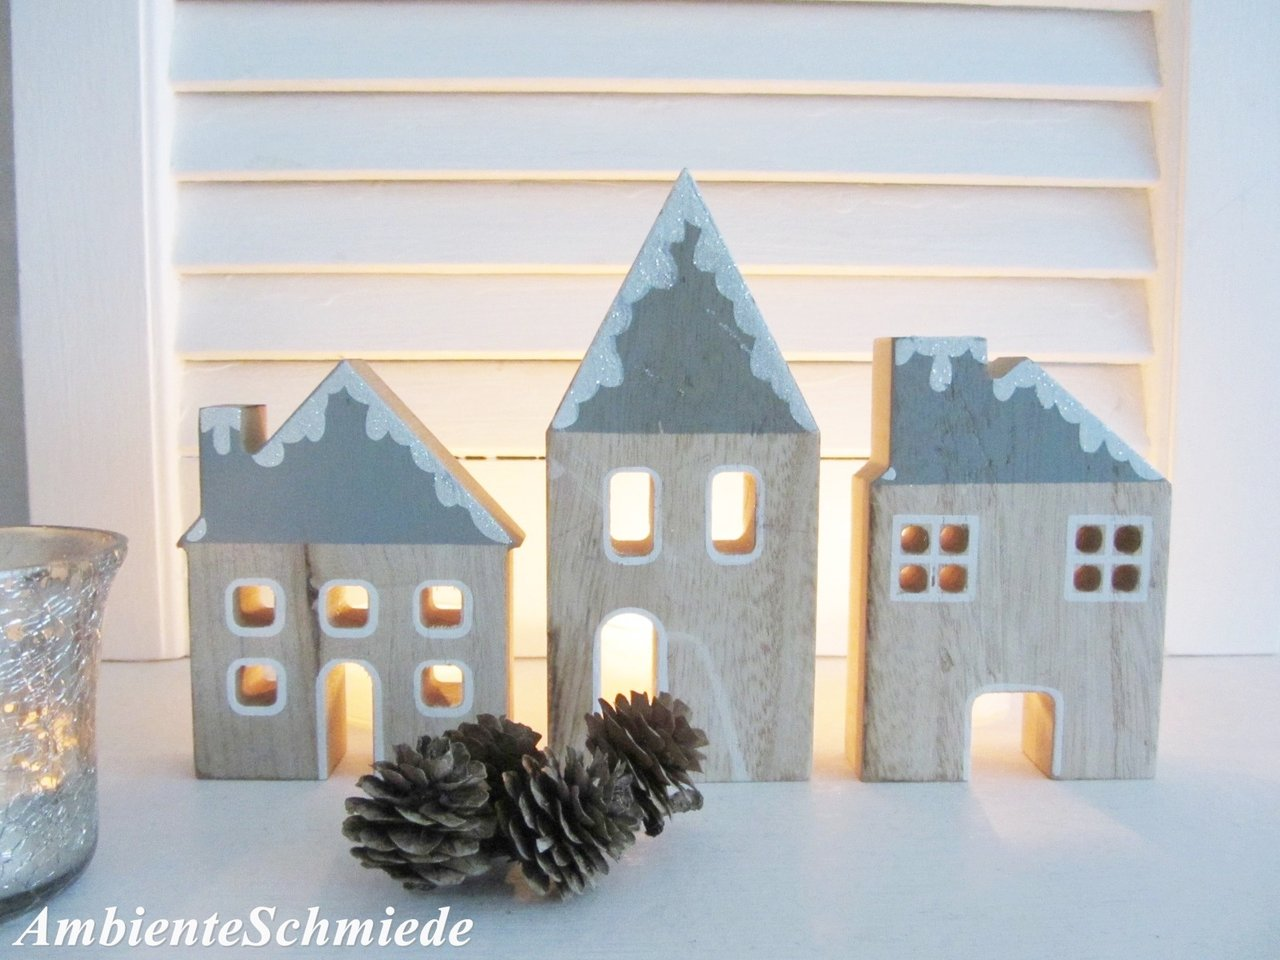 Außergewöhnlich Fassade Haus Galerie Von Holz -fassade Häuser-kulisse 3 Tlg Deko Weihnachten